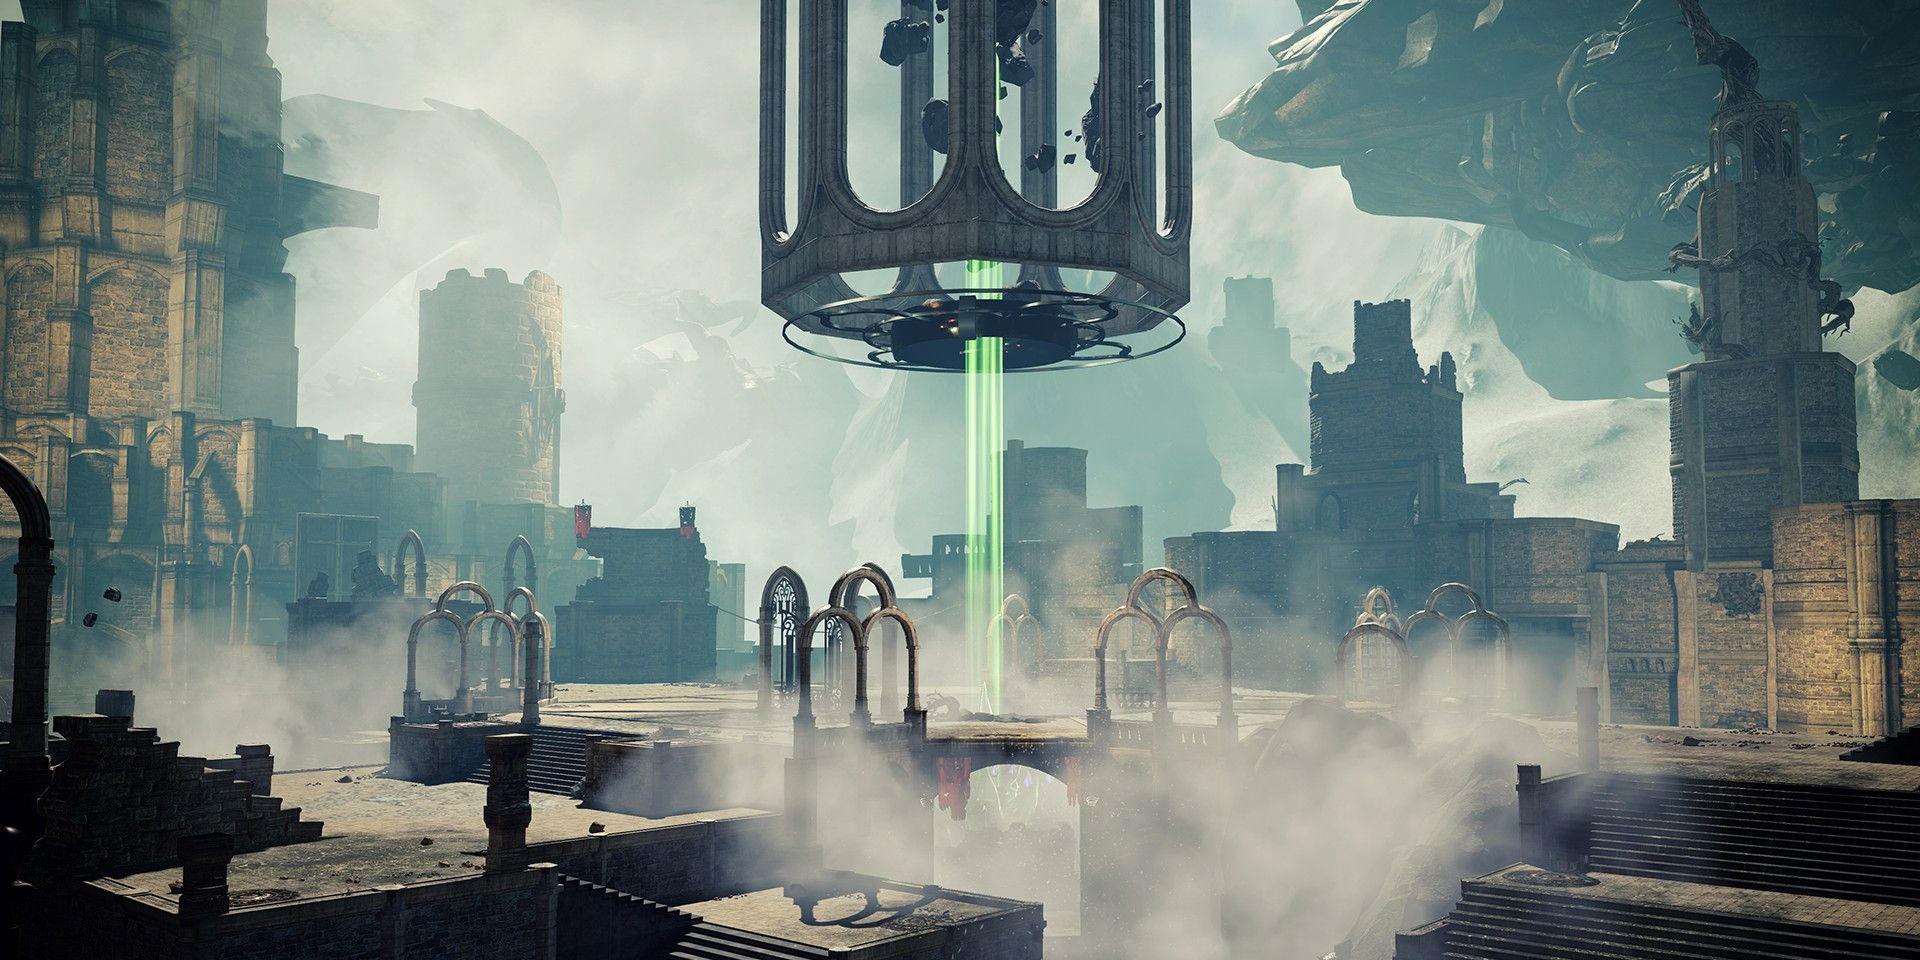 魅力的な VR 作品、The Wizards の制作ストーリー